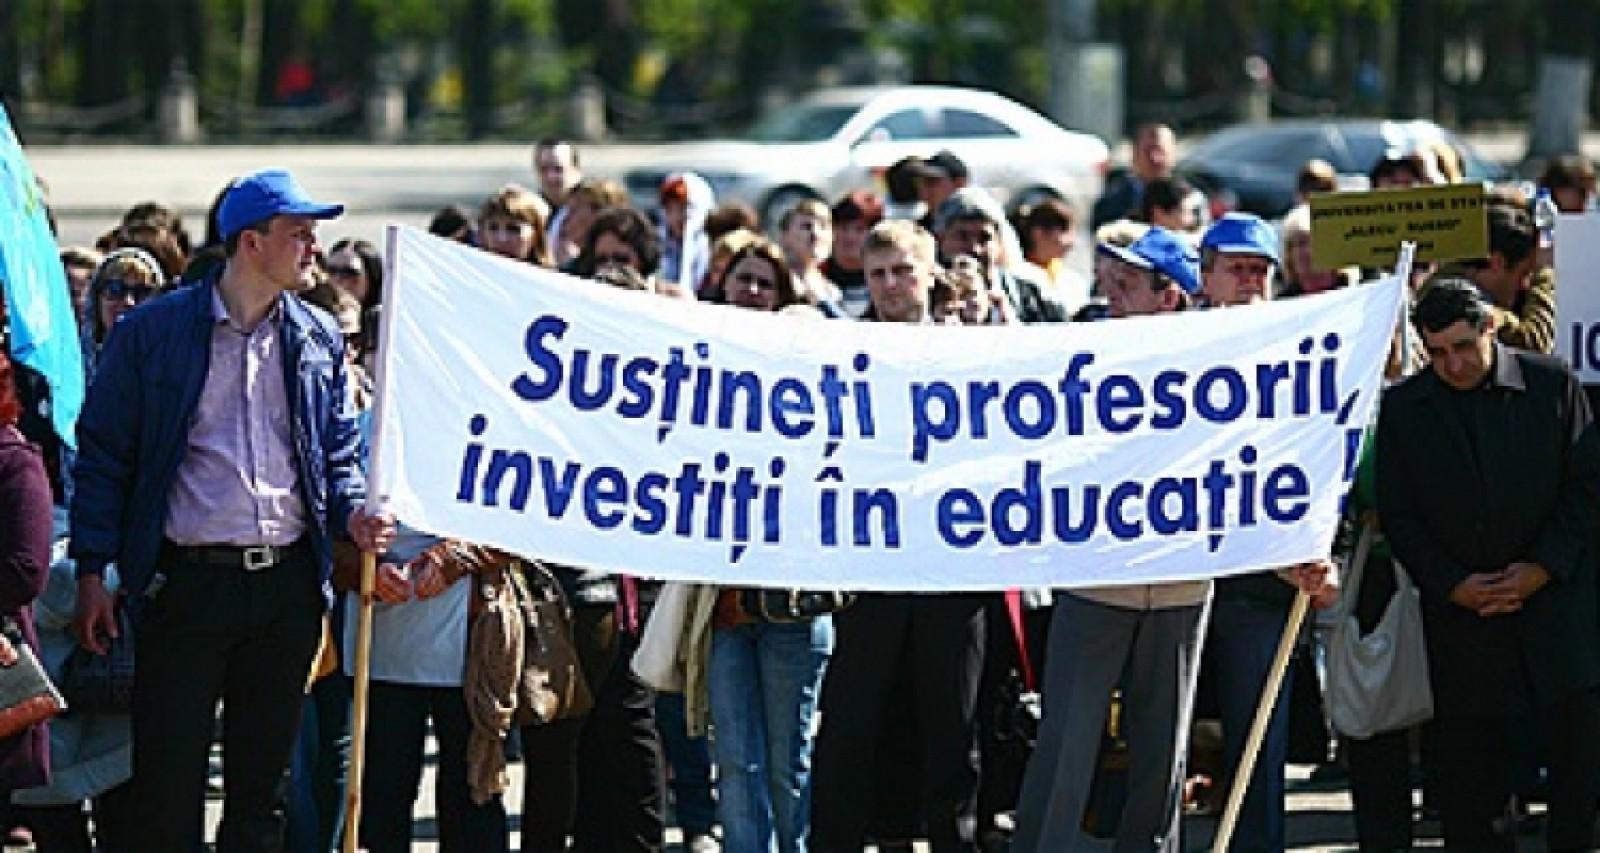 România: Studenți și profesori de la mai multe universități protestează în fața Ministerului Educației, după ce a fost redus numărul de burse universitare